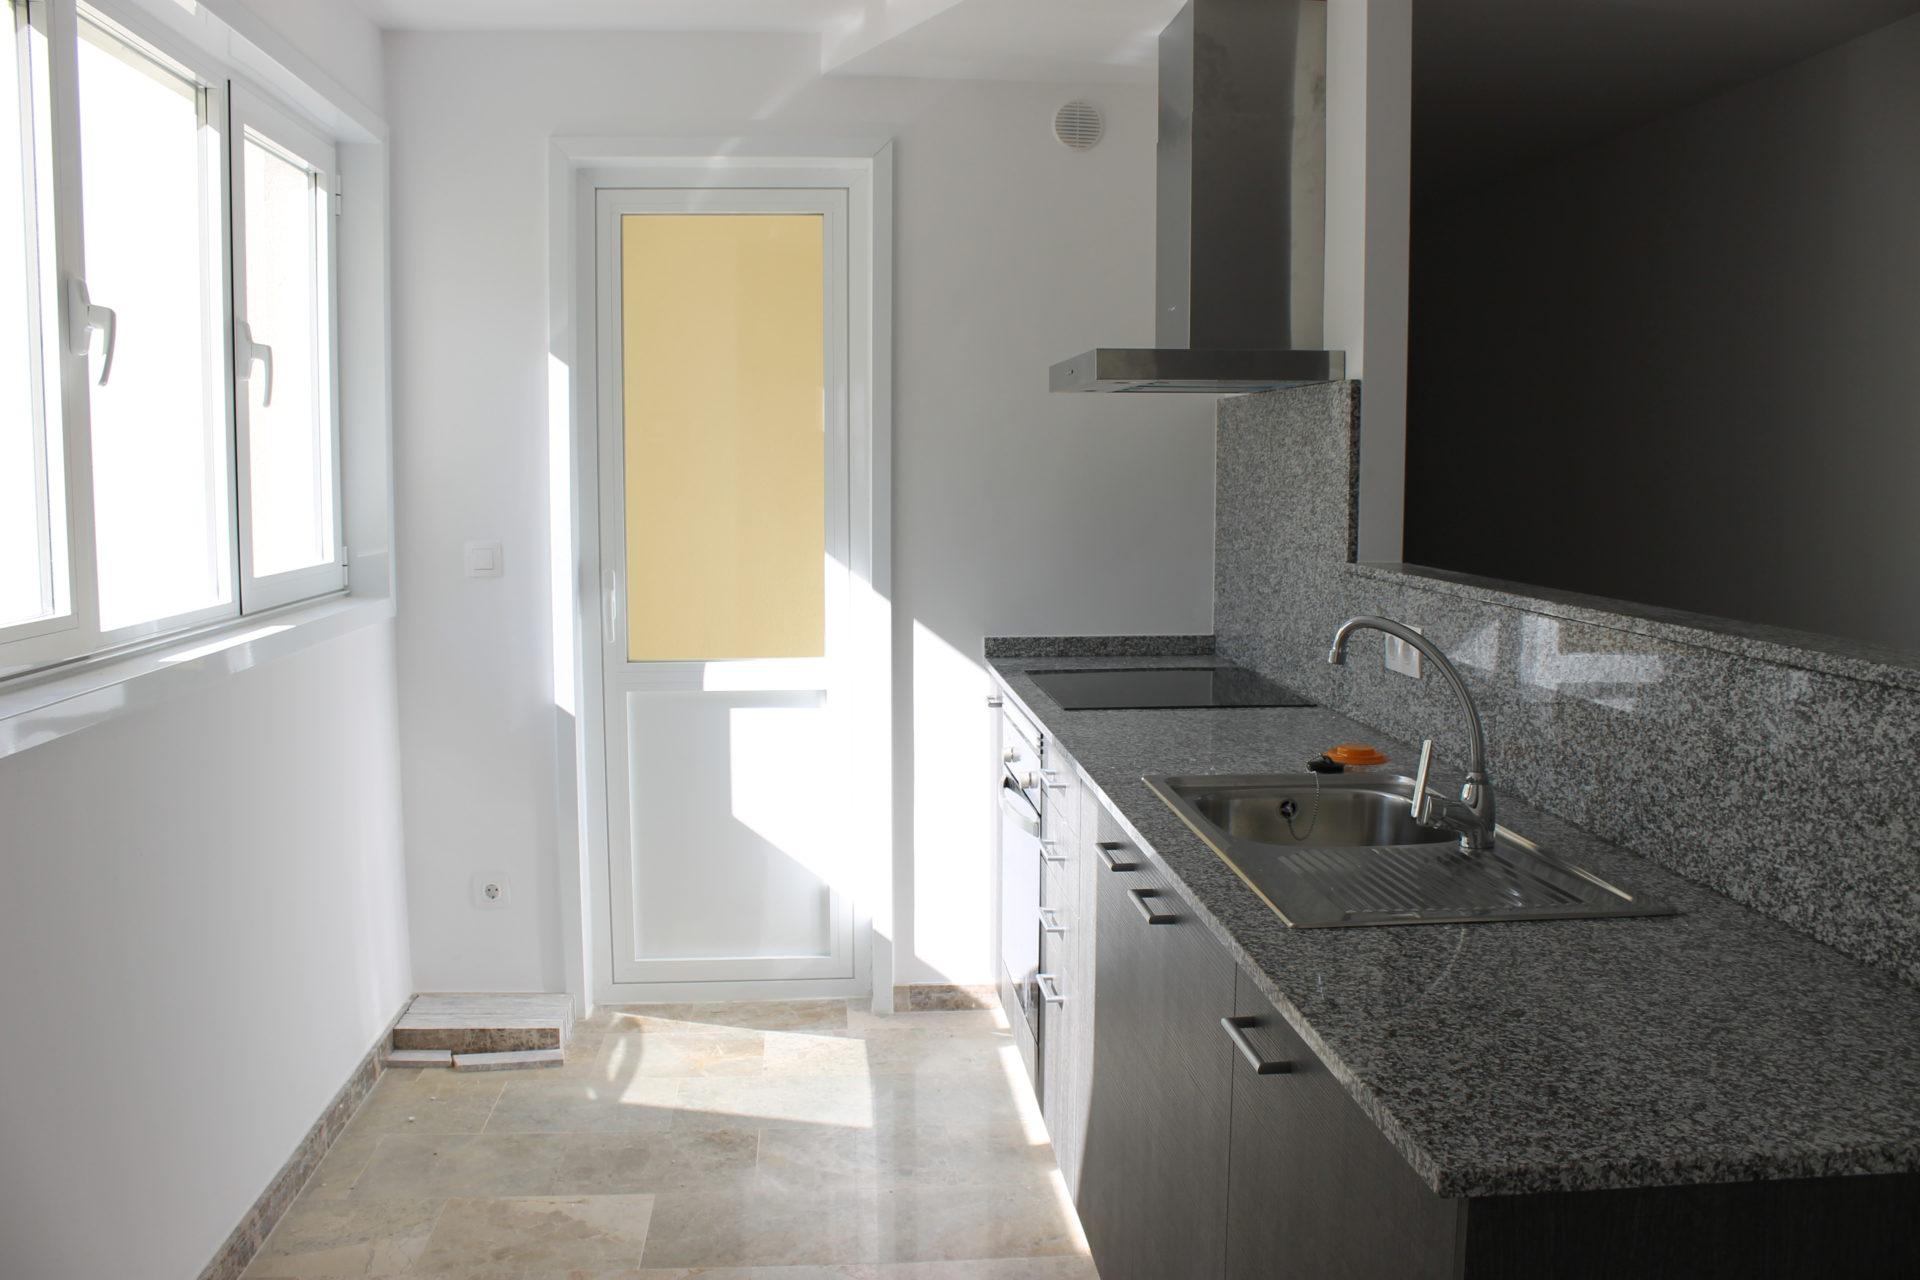 Bbva vivienda casas por menos de euros bbva for Pisos de bancos bbva